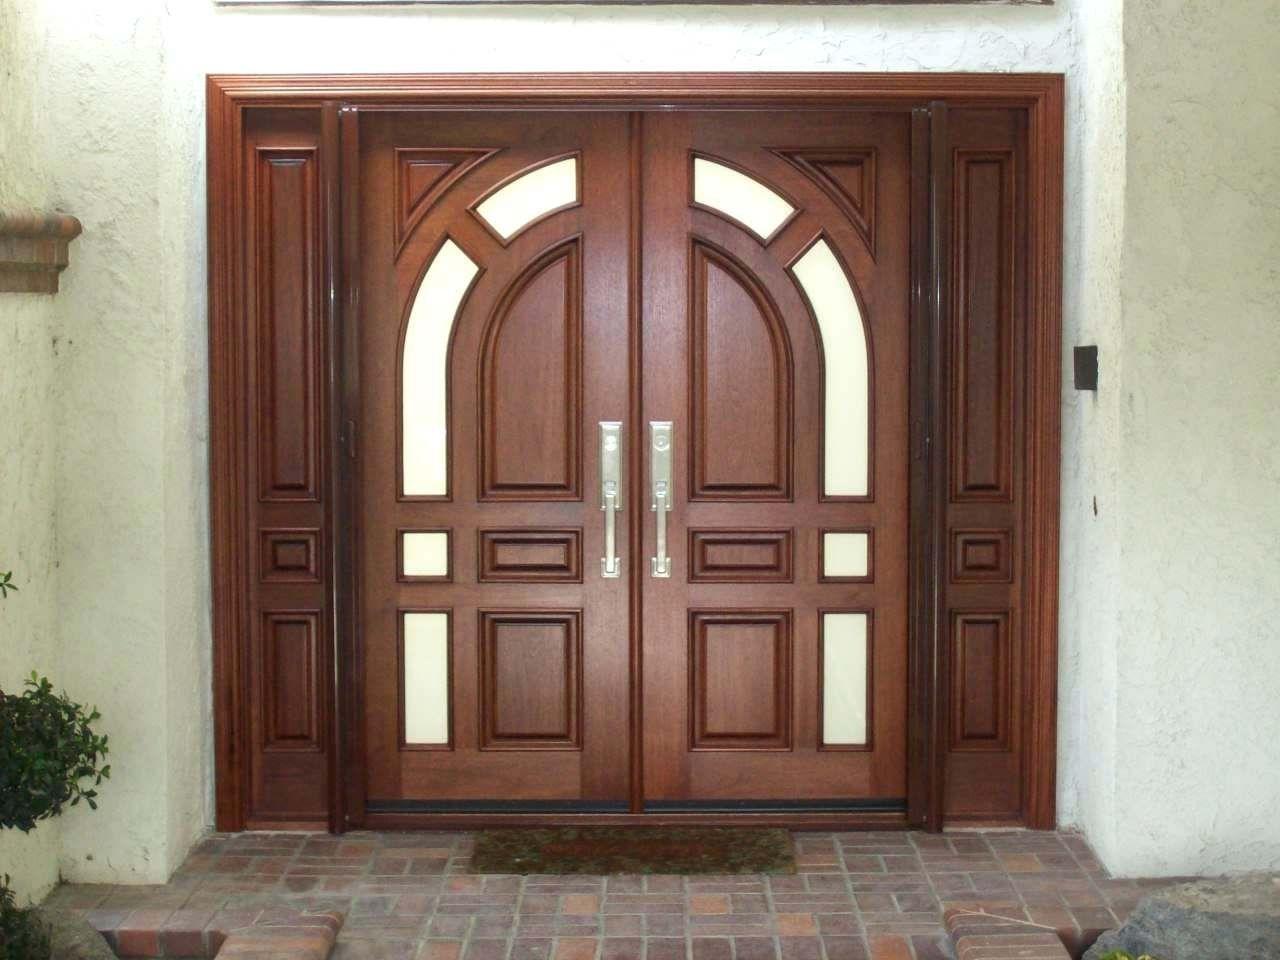 Mobile Home Exterior Doors 32 X 76 Door Design Wood Wooden Main